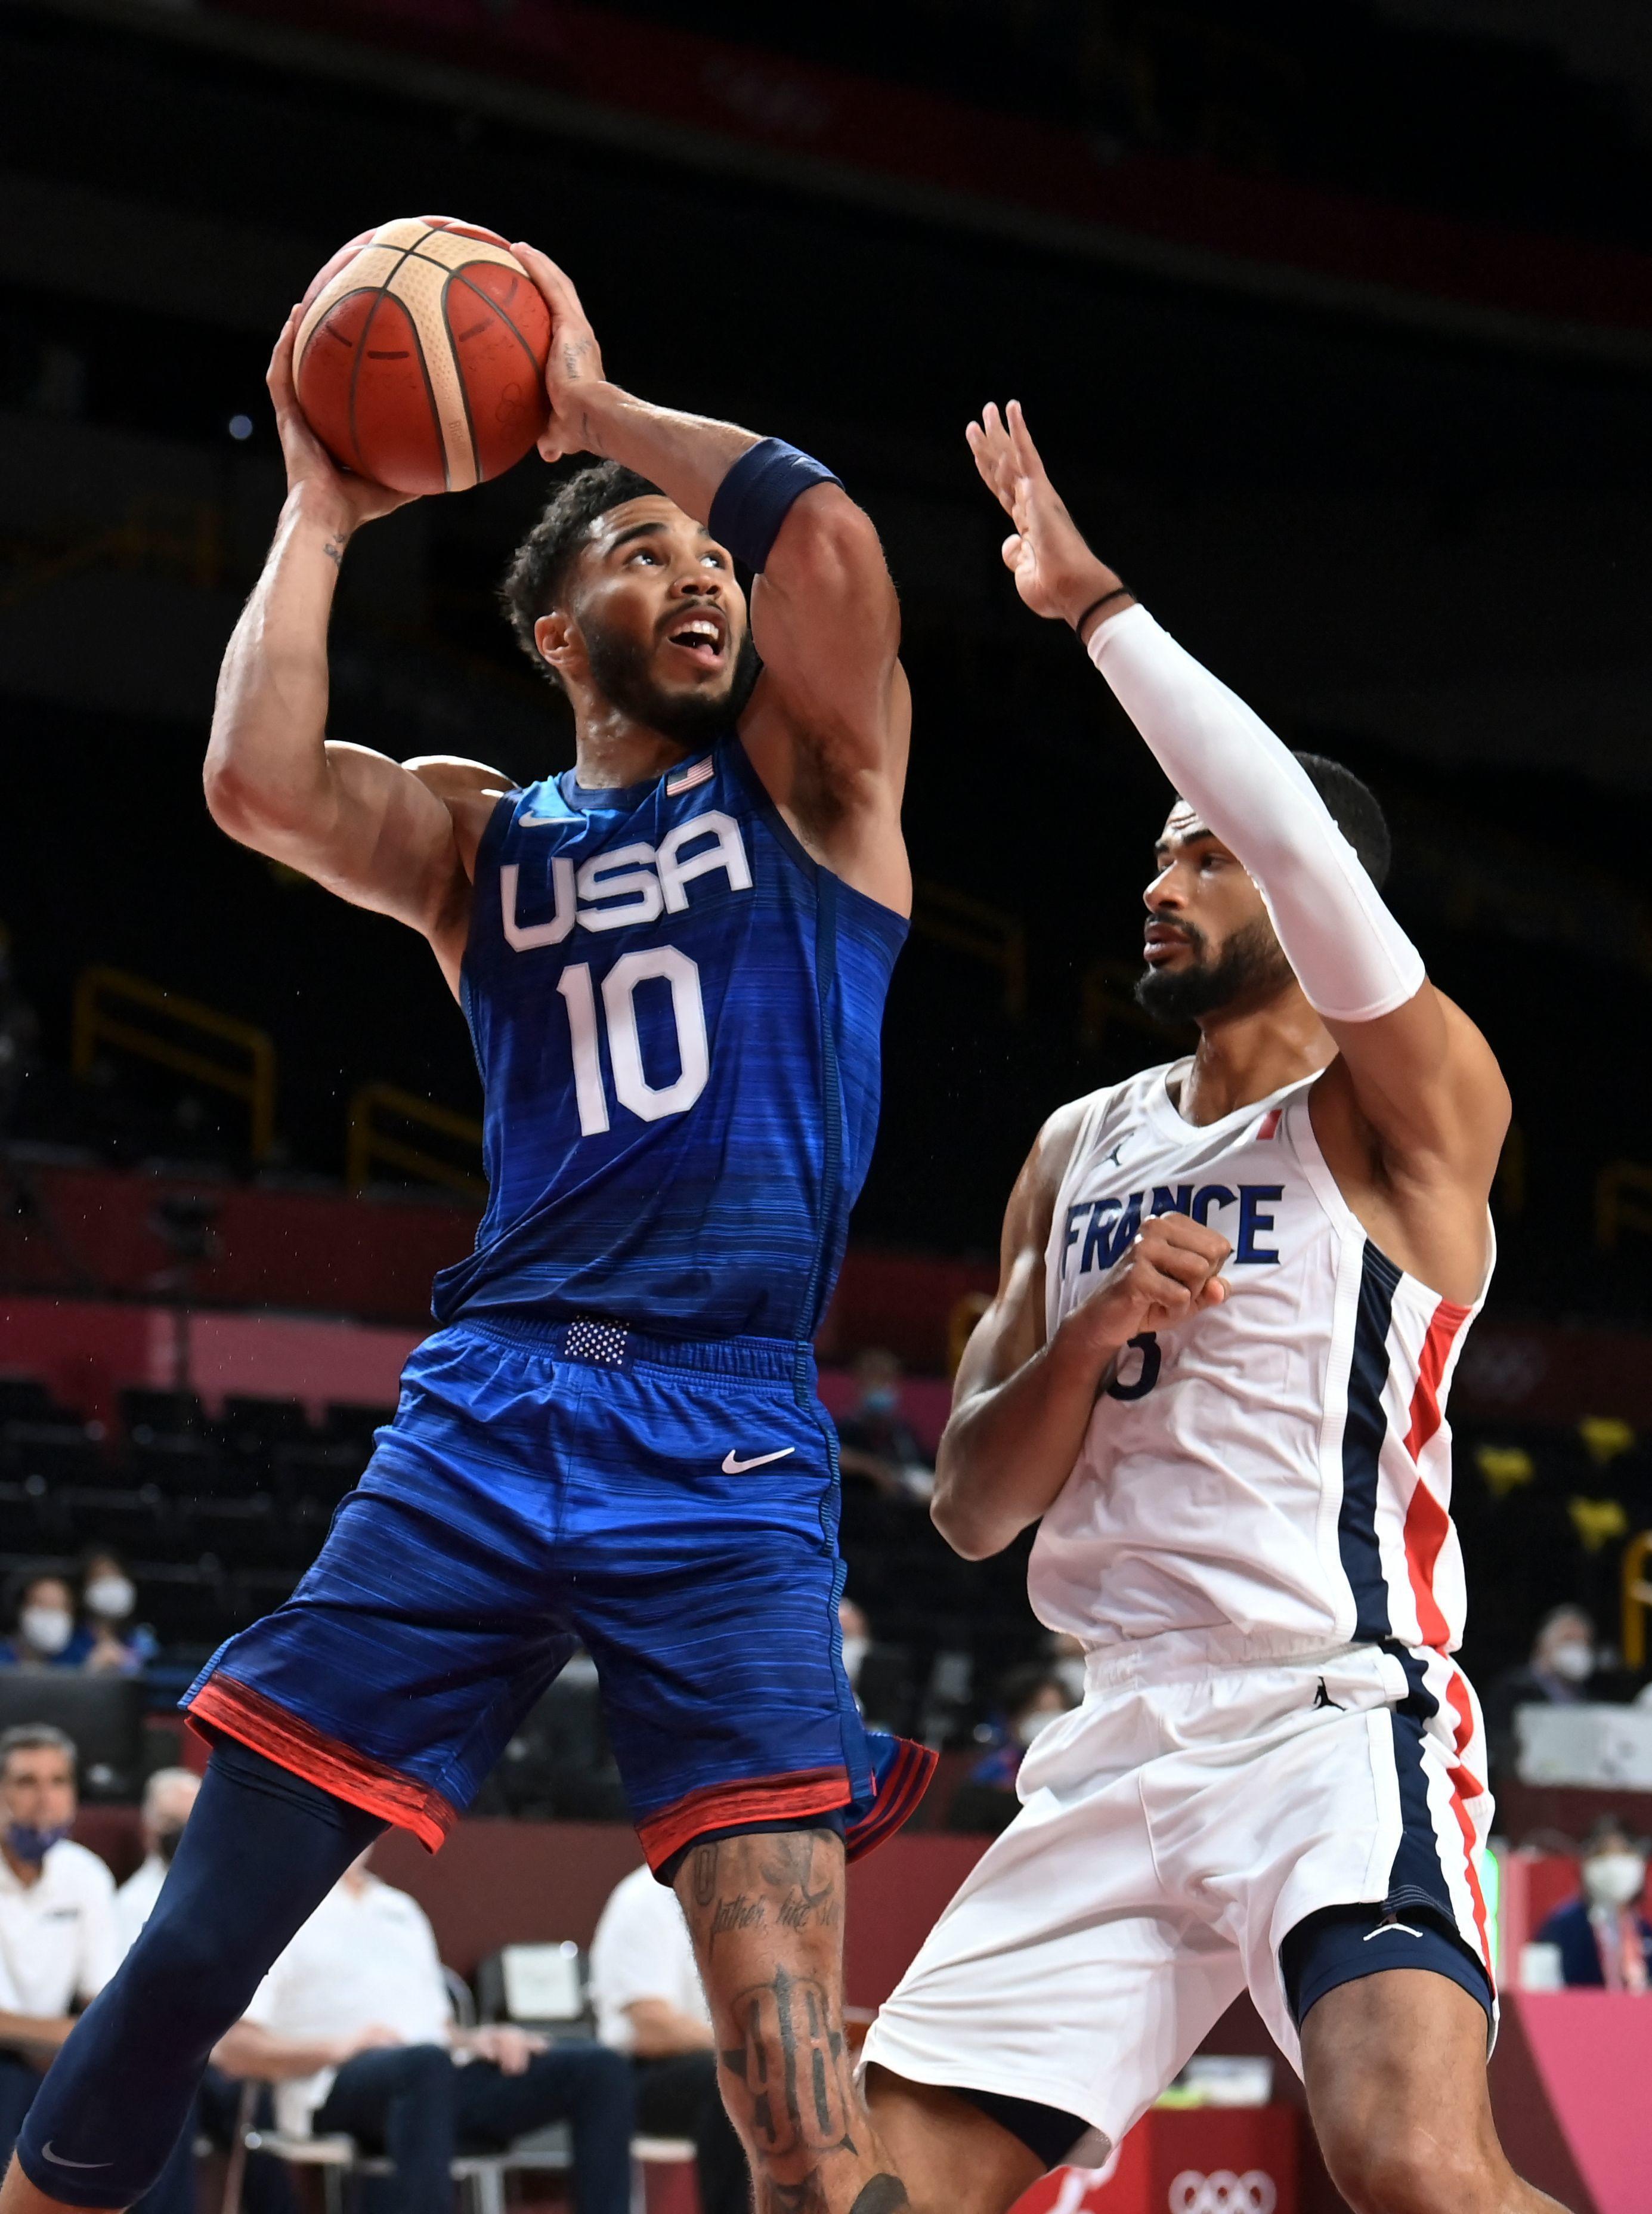 Francia Estados Unidos - baloncesto - Juegos Olímpicos 2021 - Tokio 2020